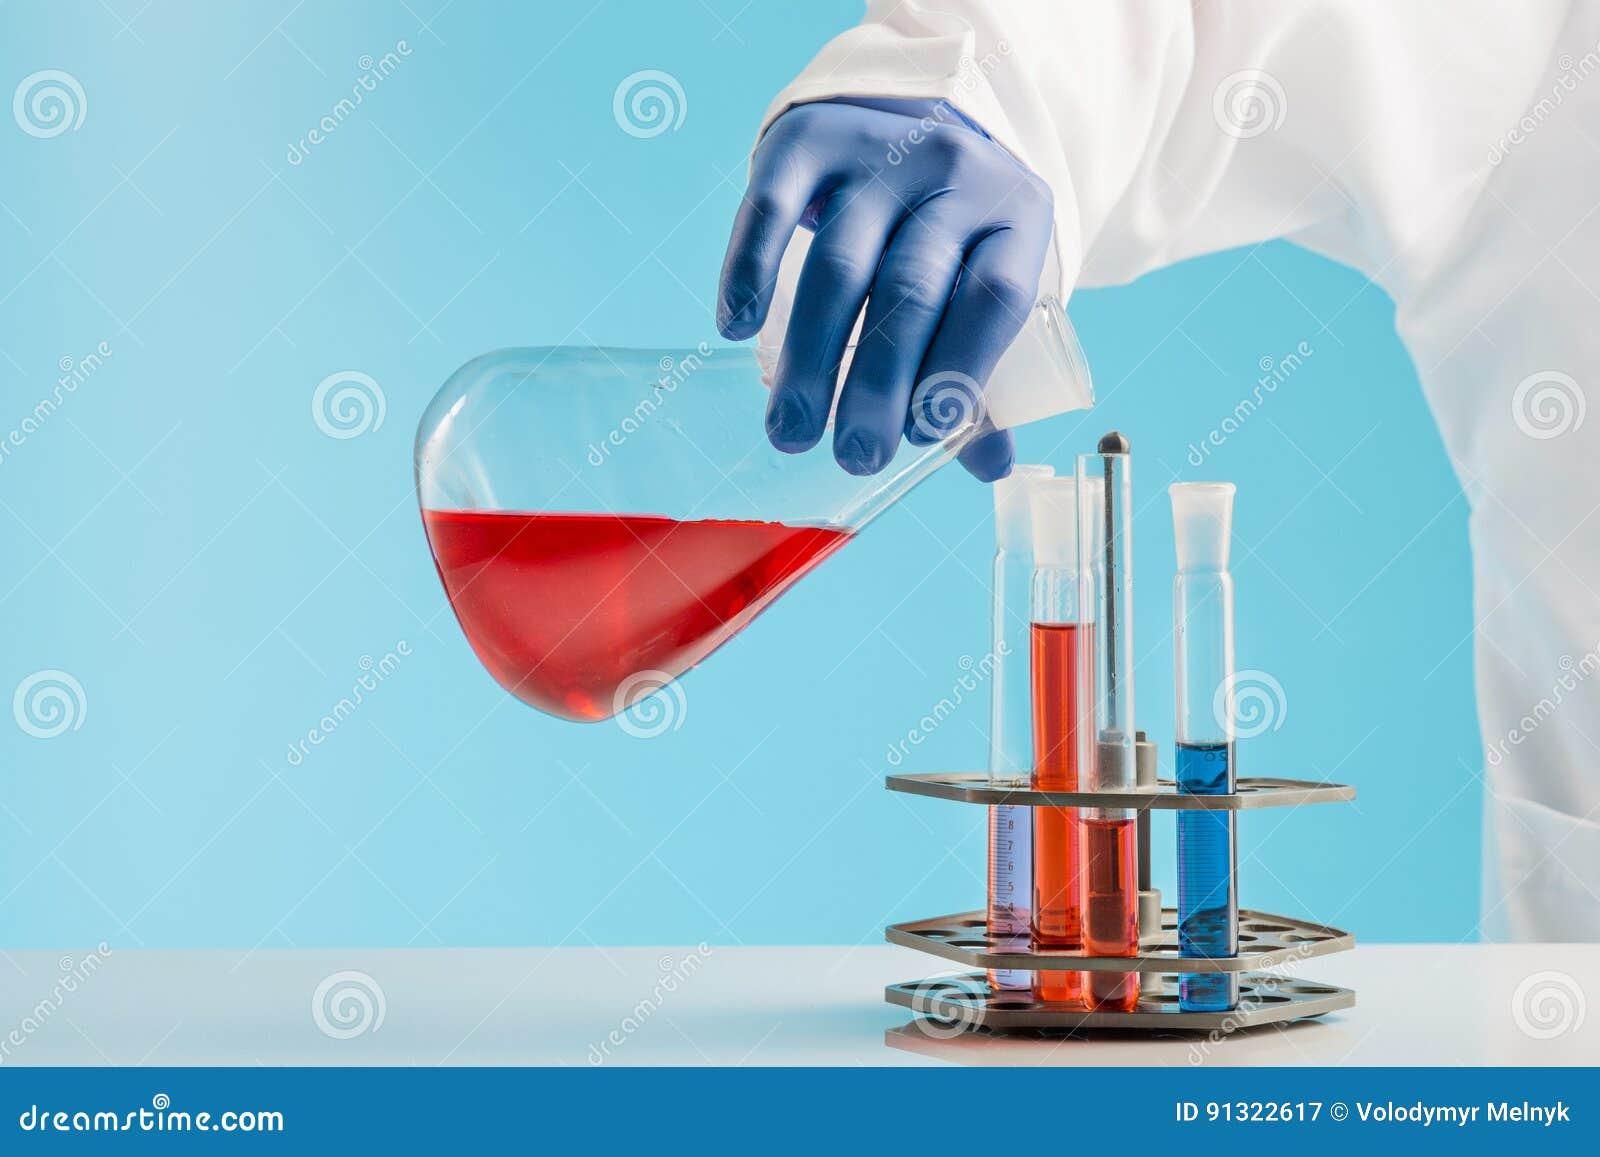 Experiências em um laboratório de química conduzindo uma experiência no laboratório